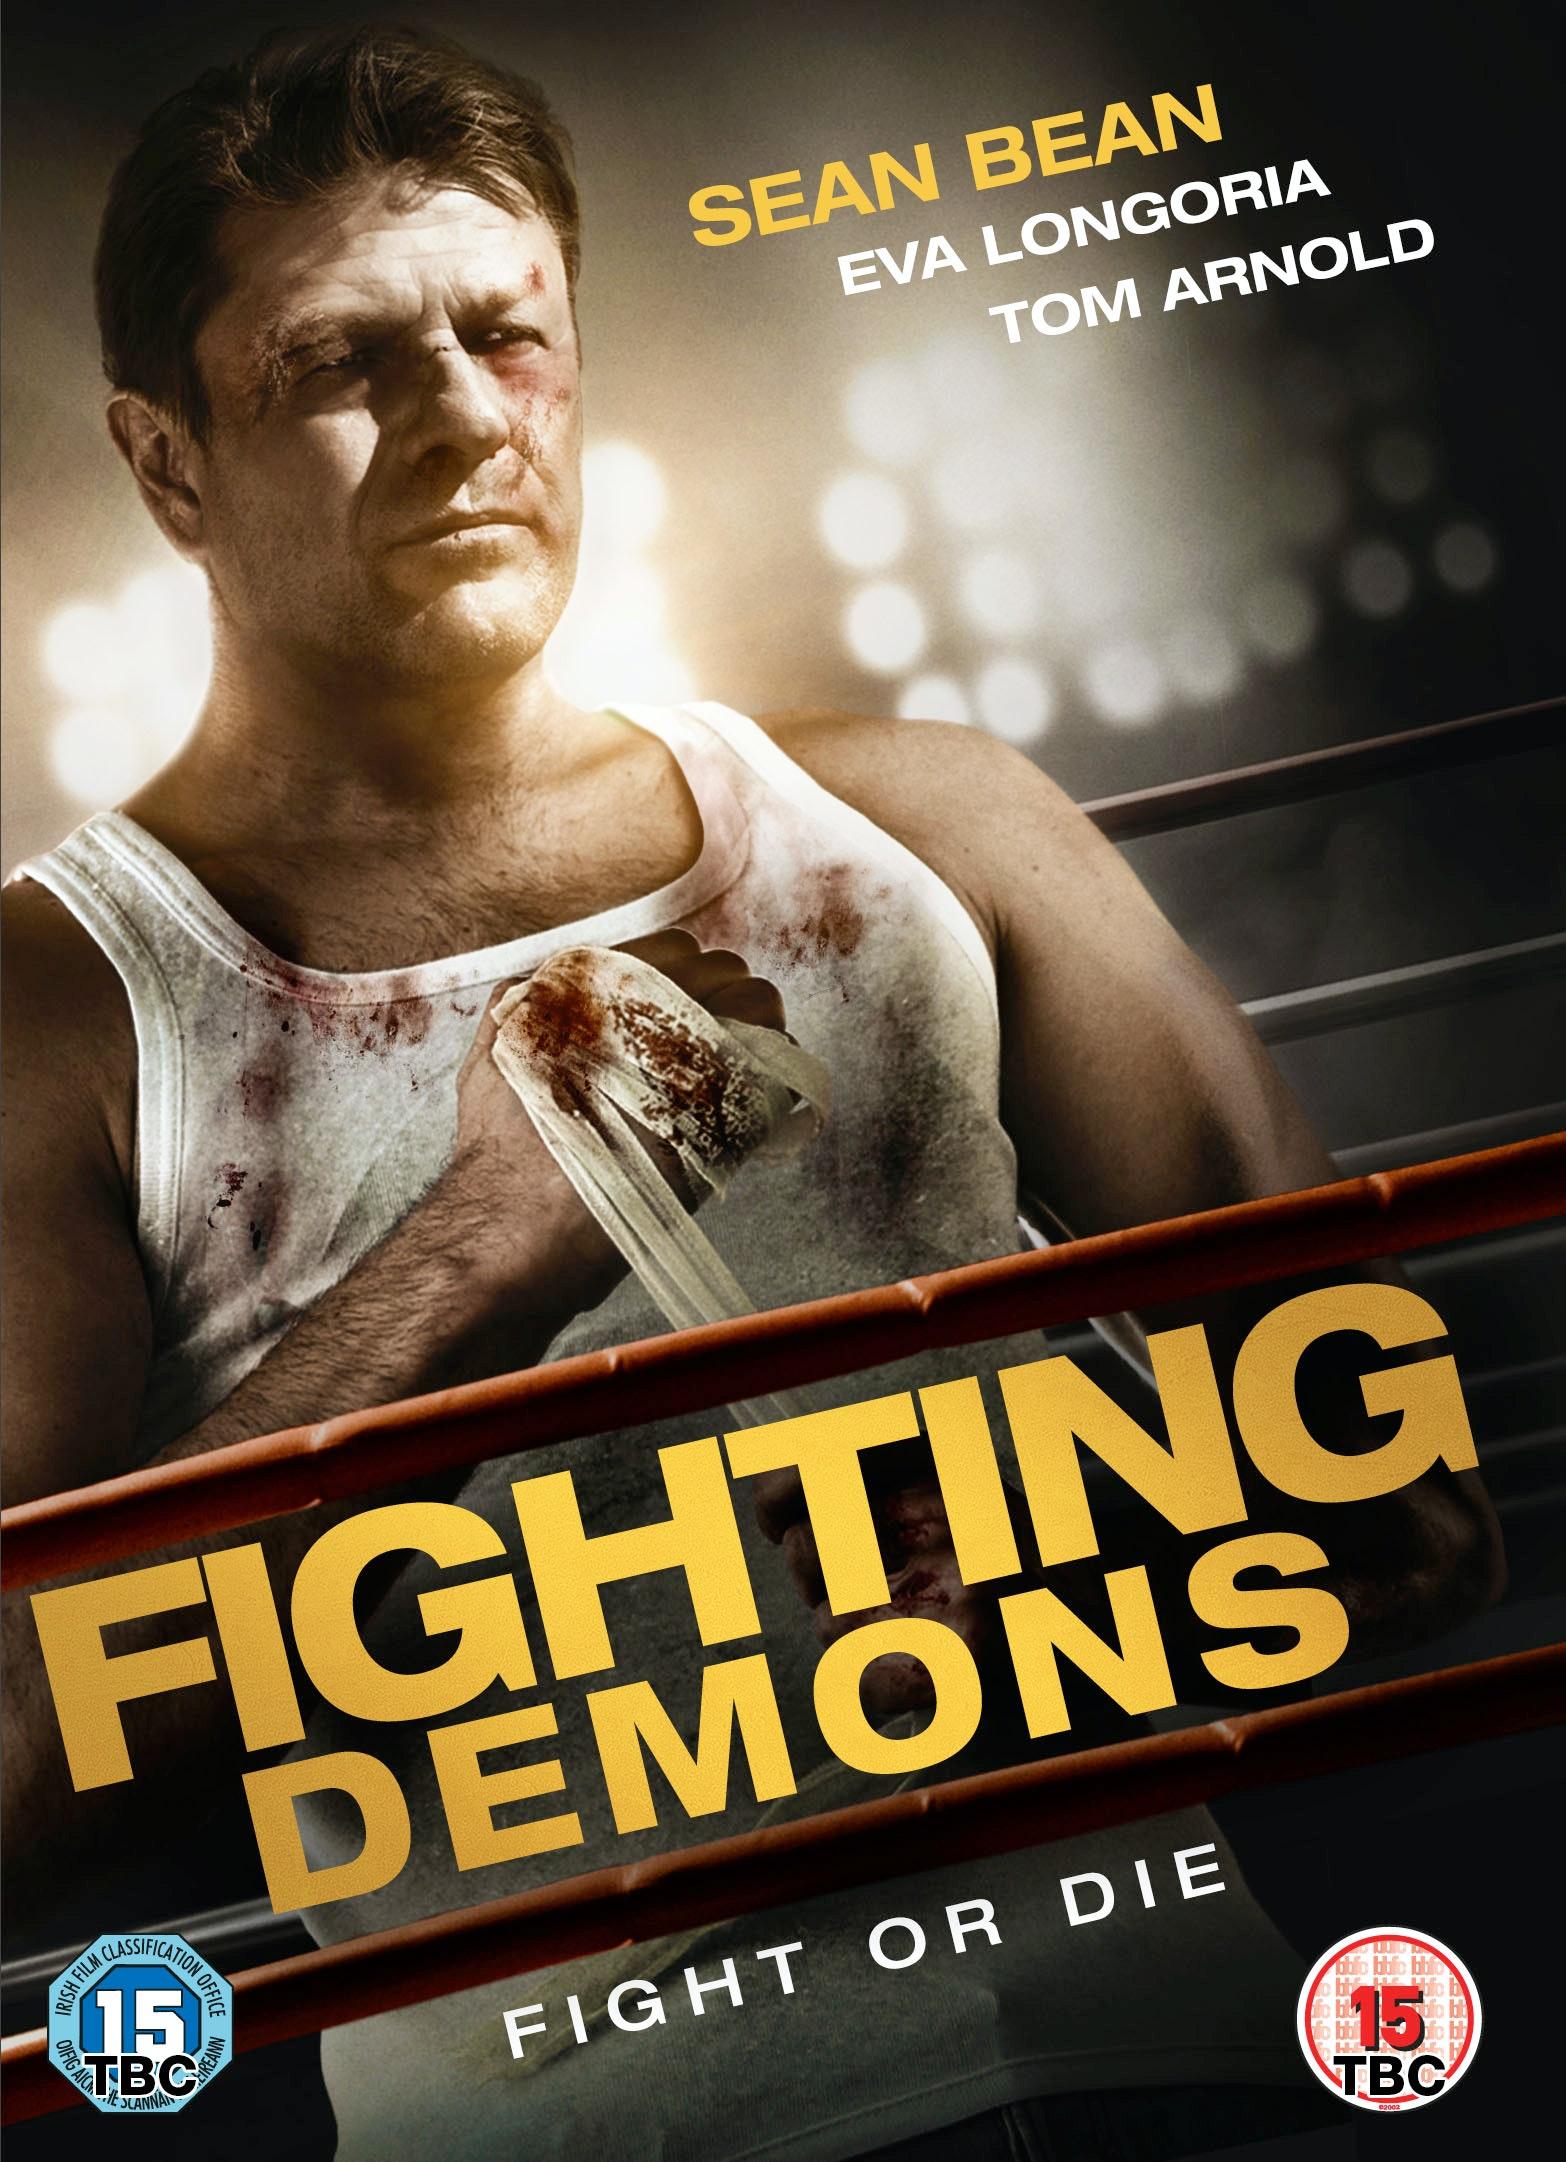 Fighting demons dvd slv v0k